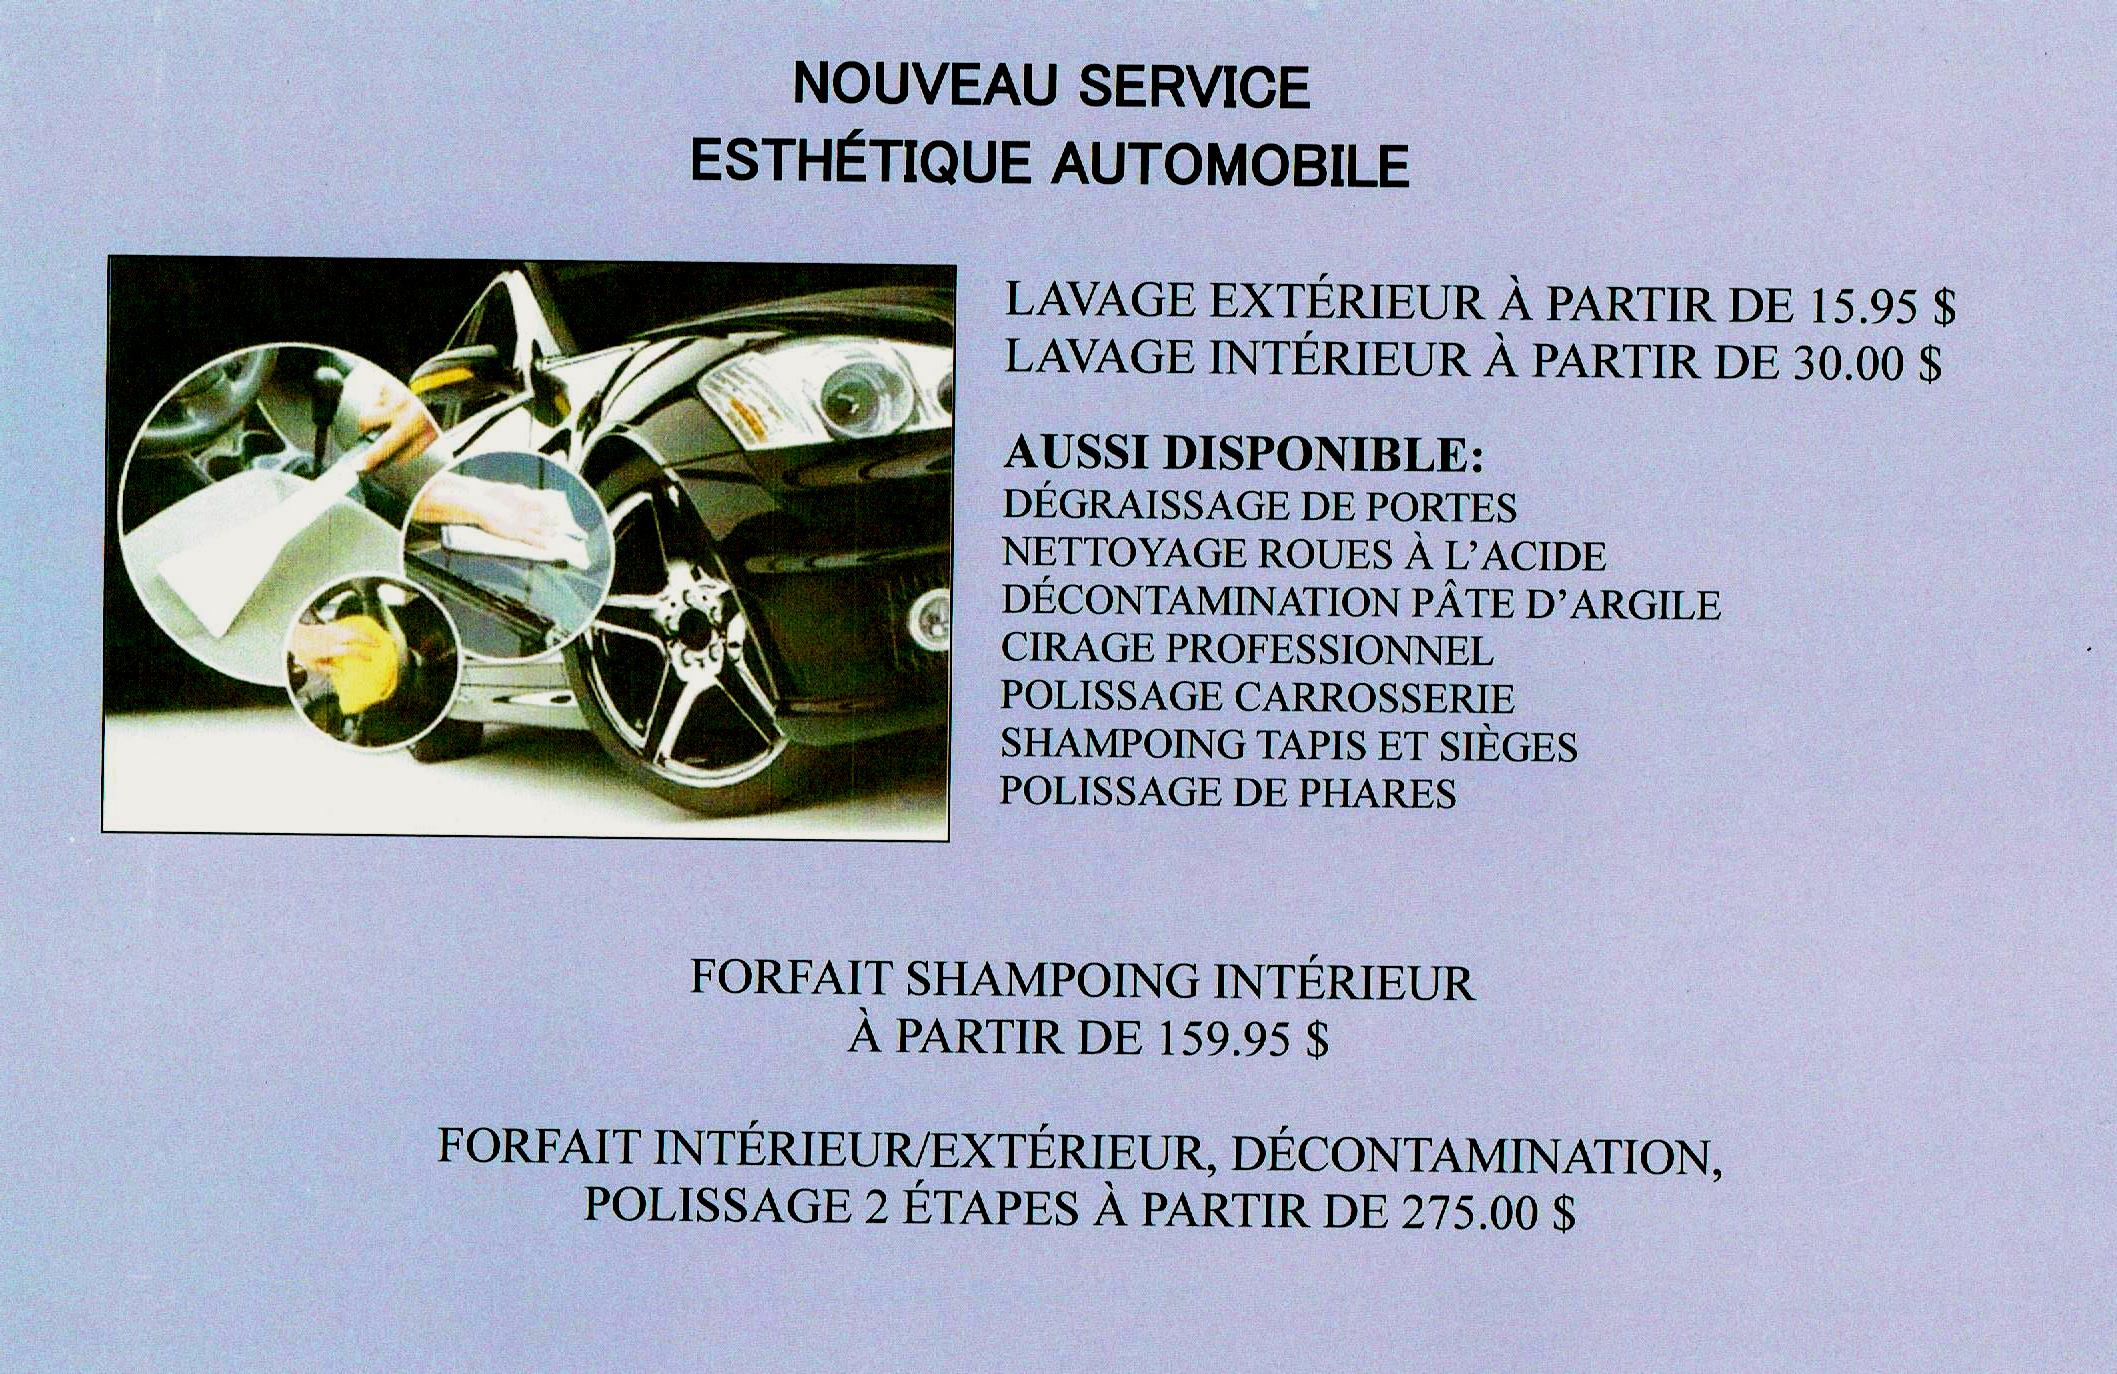 annonce nouveau service esthétique automobile 001